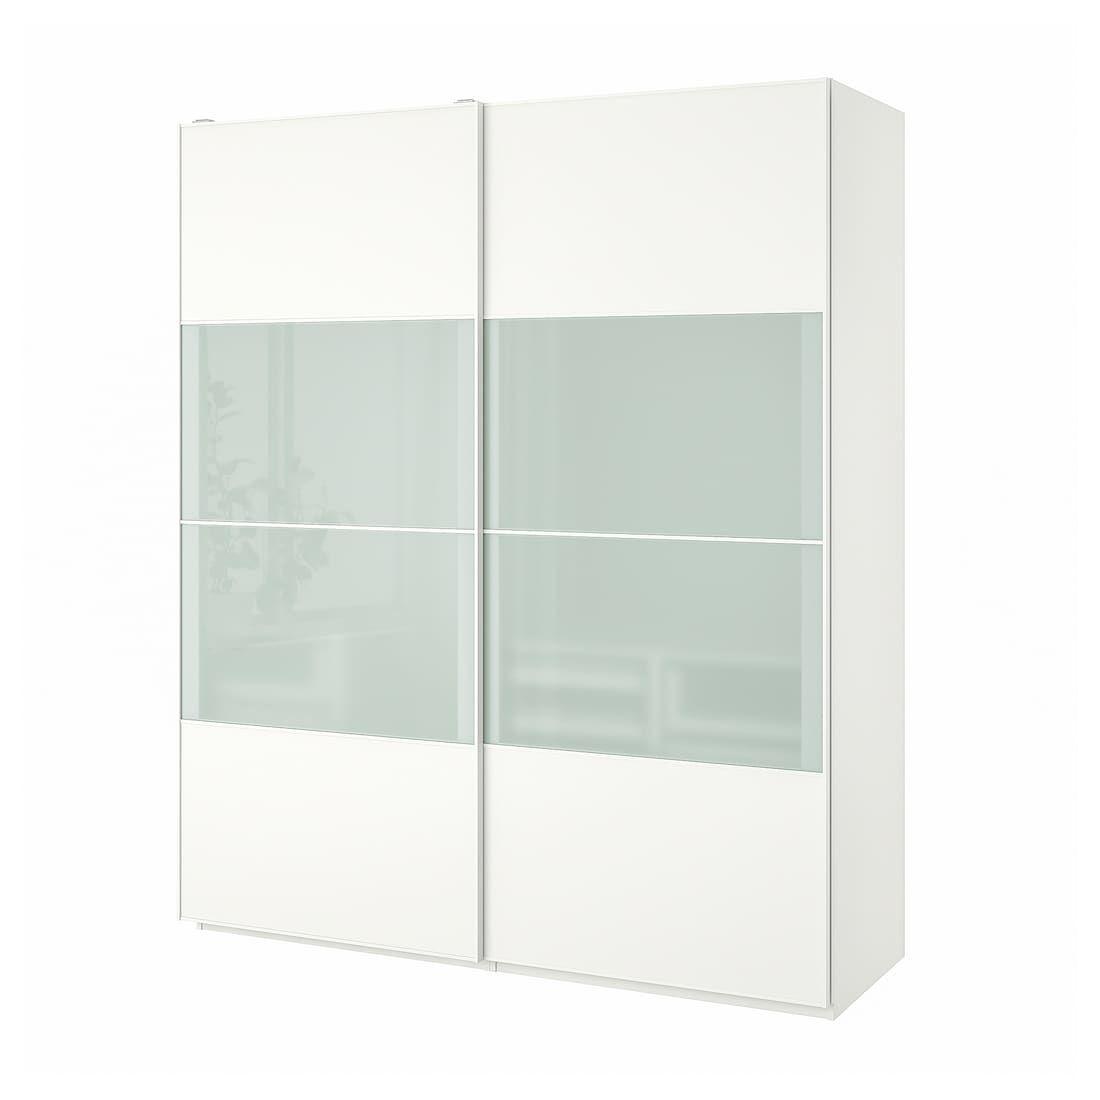 """PAX Wardrobe white, Mehamn Sekken 78 3/4x26x93 1/8 """" in"""